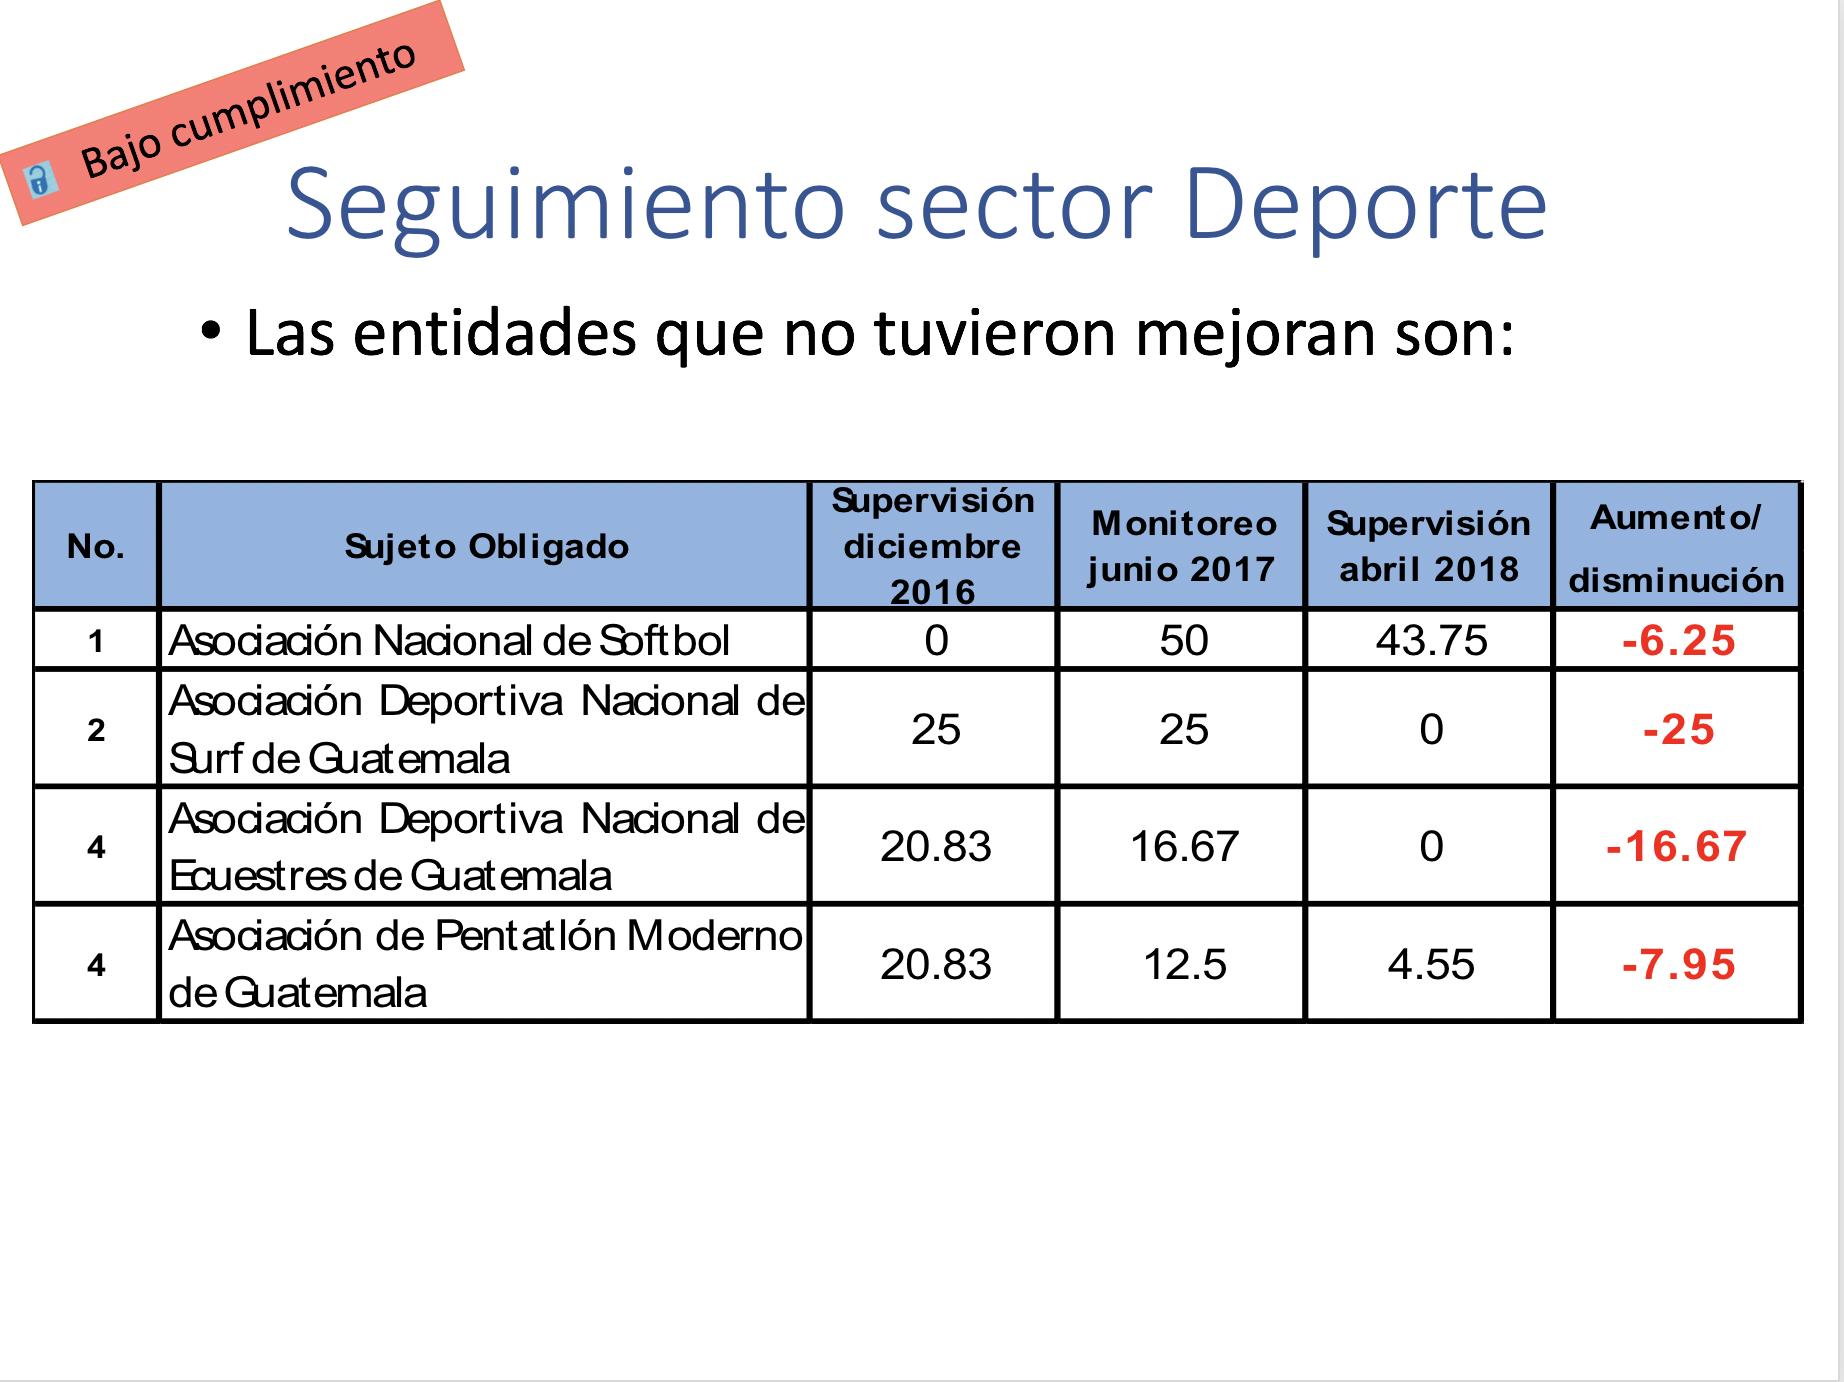 Evaluación a 4 entidades del deporte federado que incumplieron con el mandato legal de publicar su información financiera.